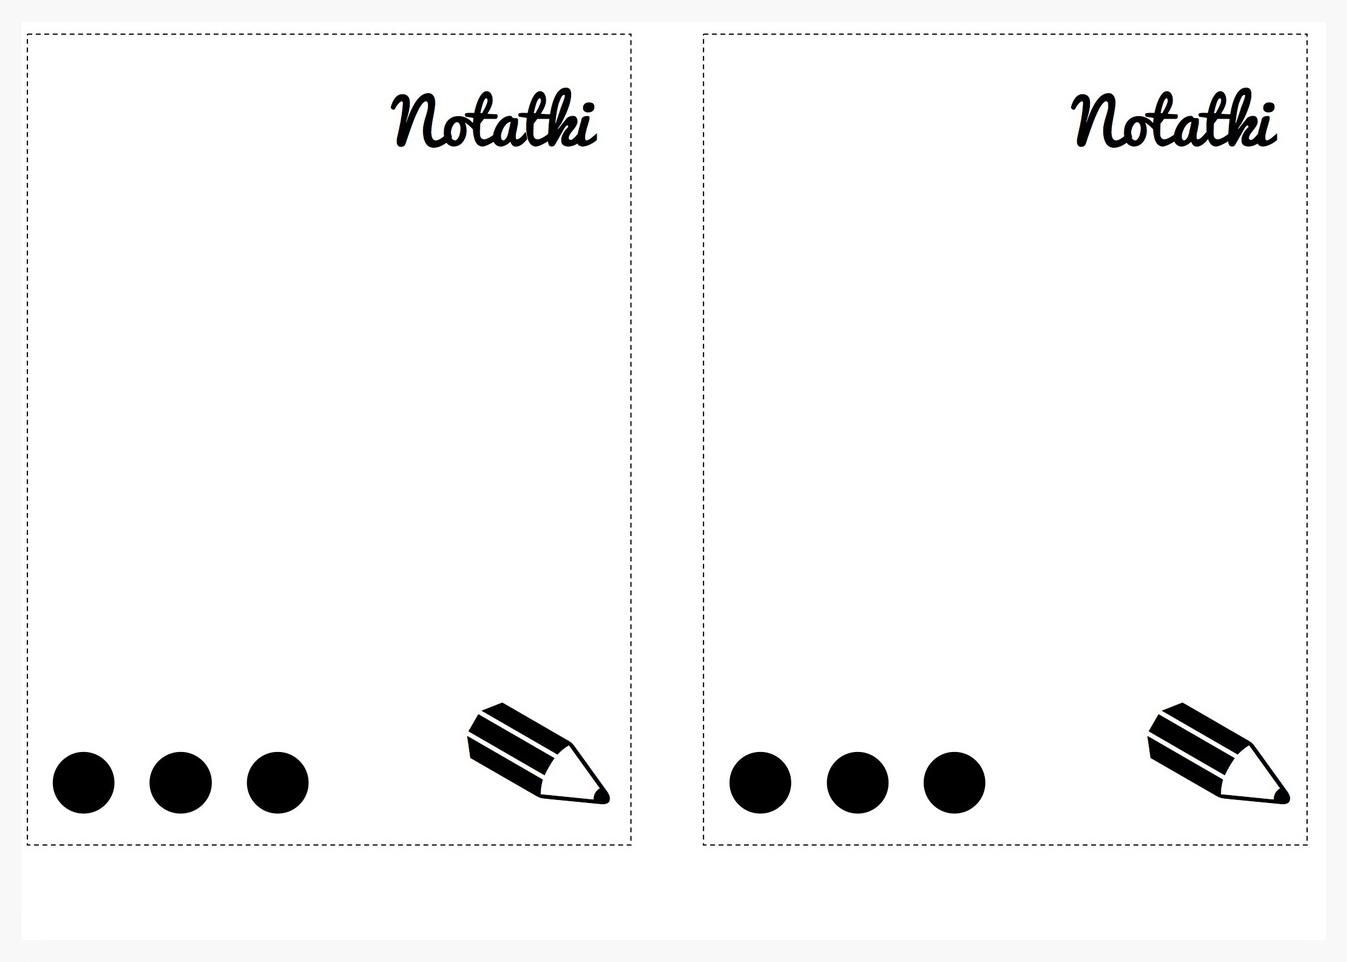 2014-10 - Notatki.jpg